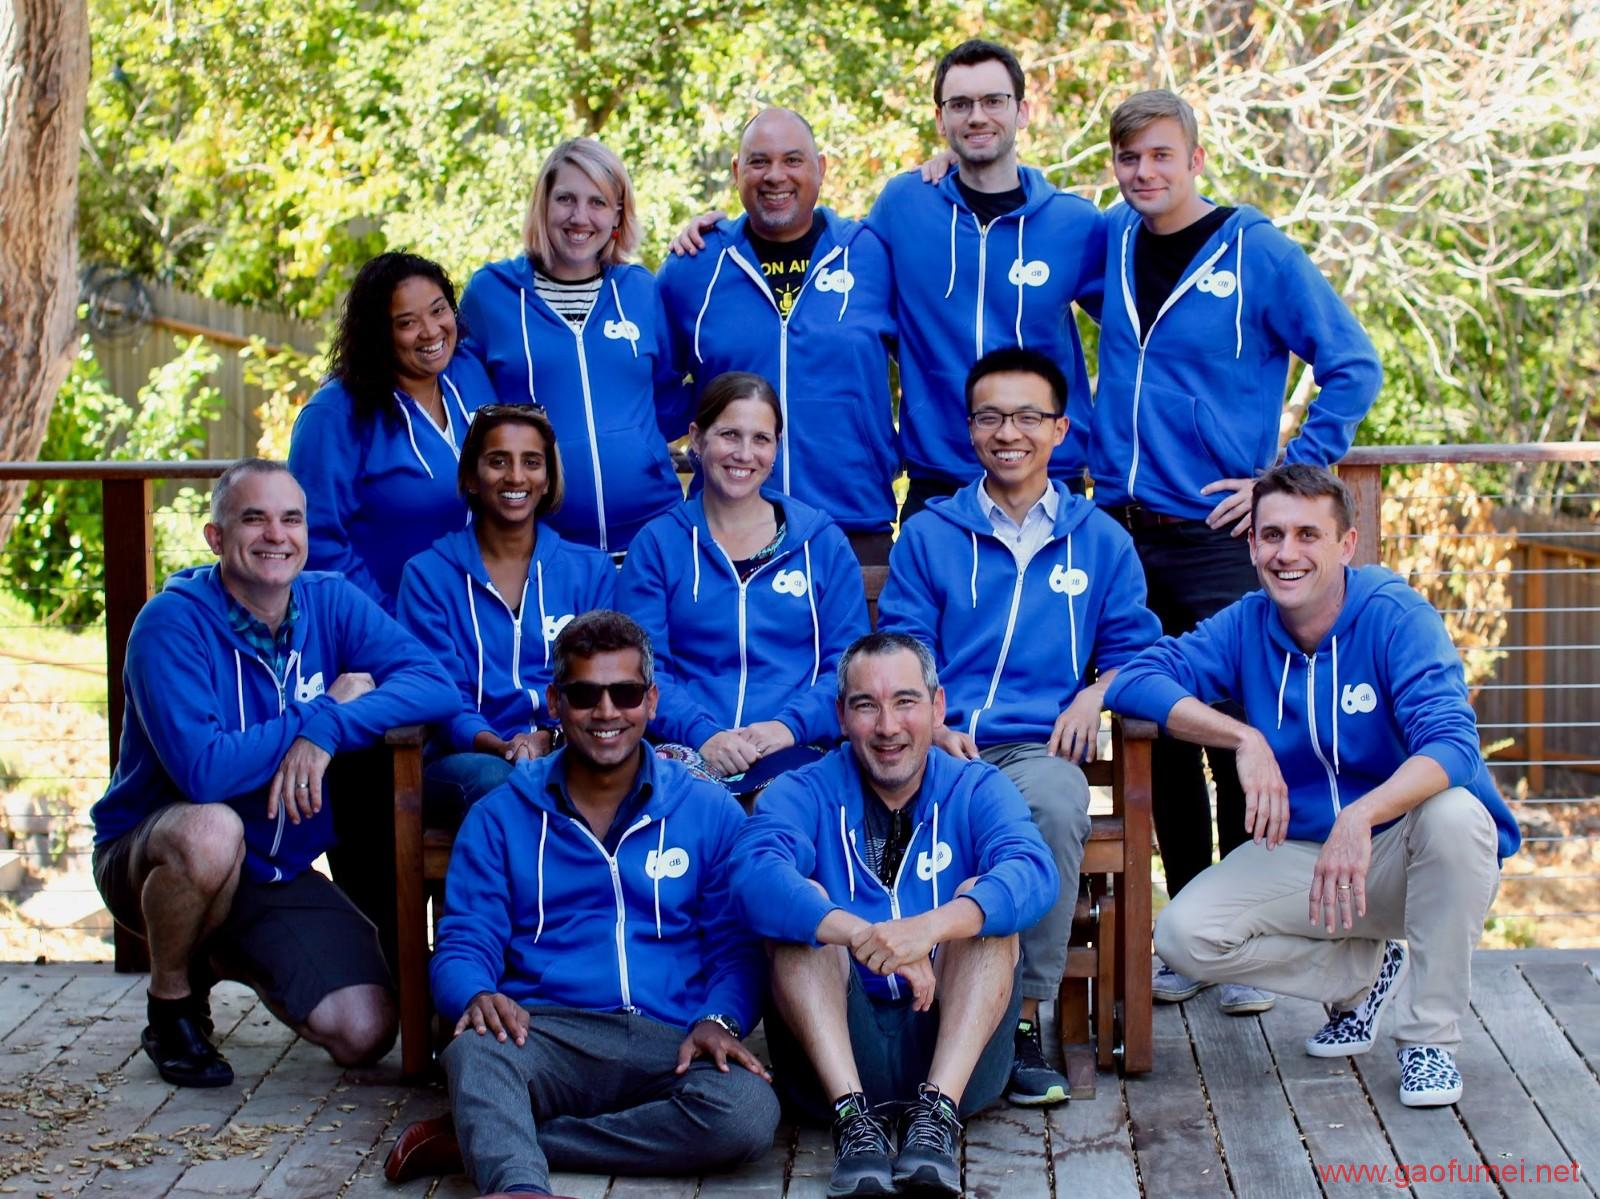 谷歌收购短播客平台60db团队成员全部加入谷歌